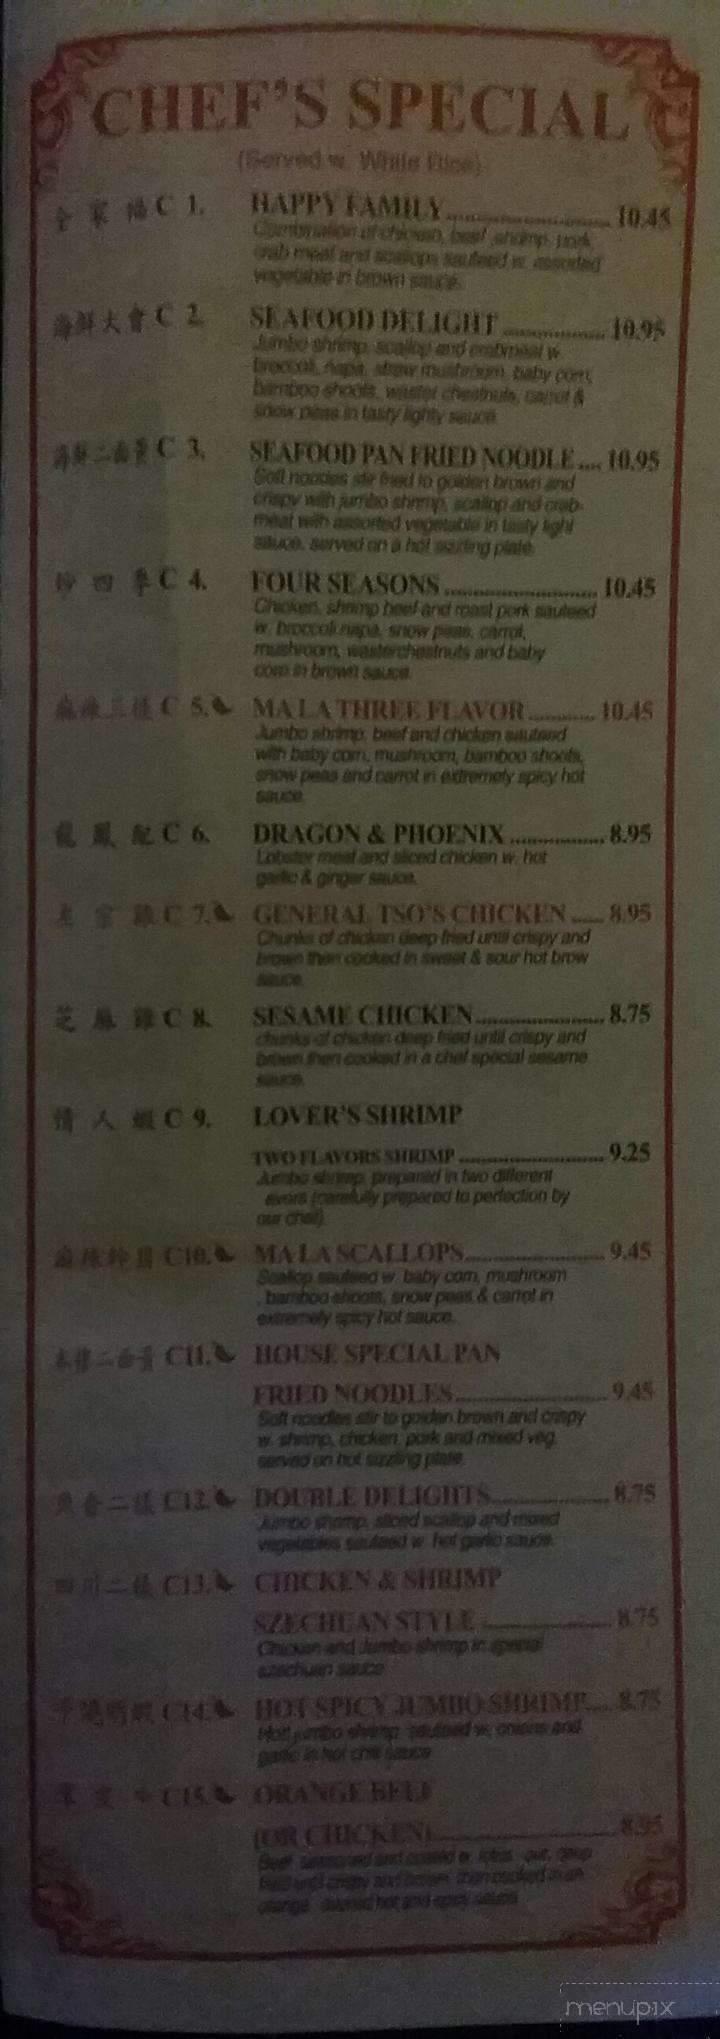 Golden dragon buffet hamilton ohio menue muscle building steroids list